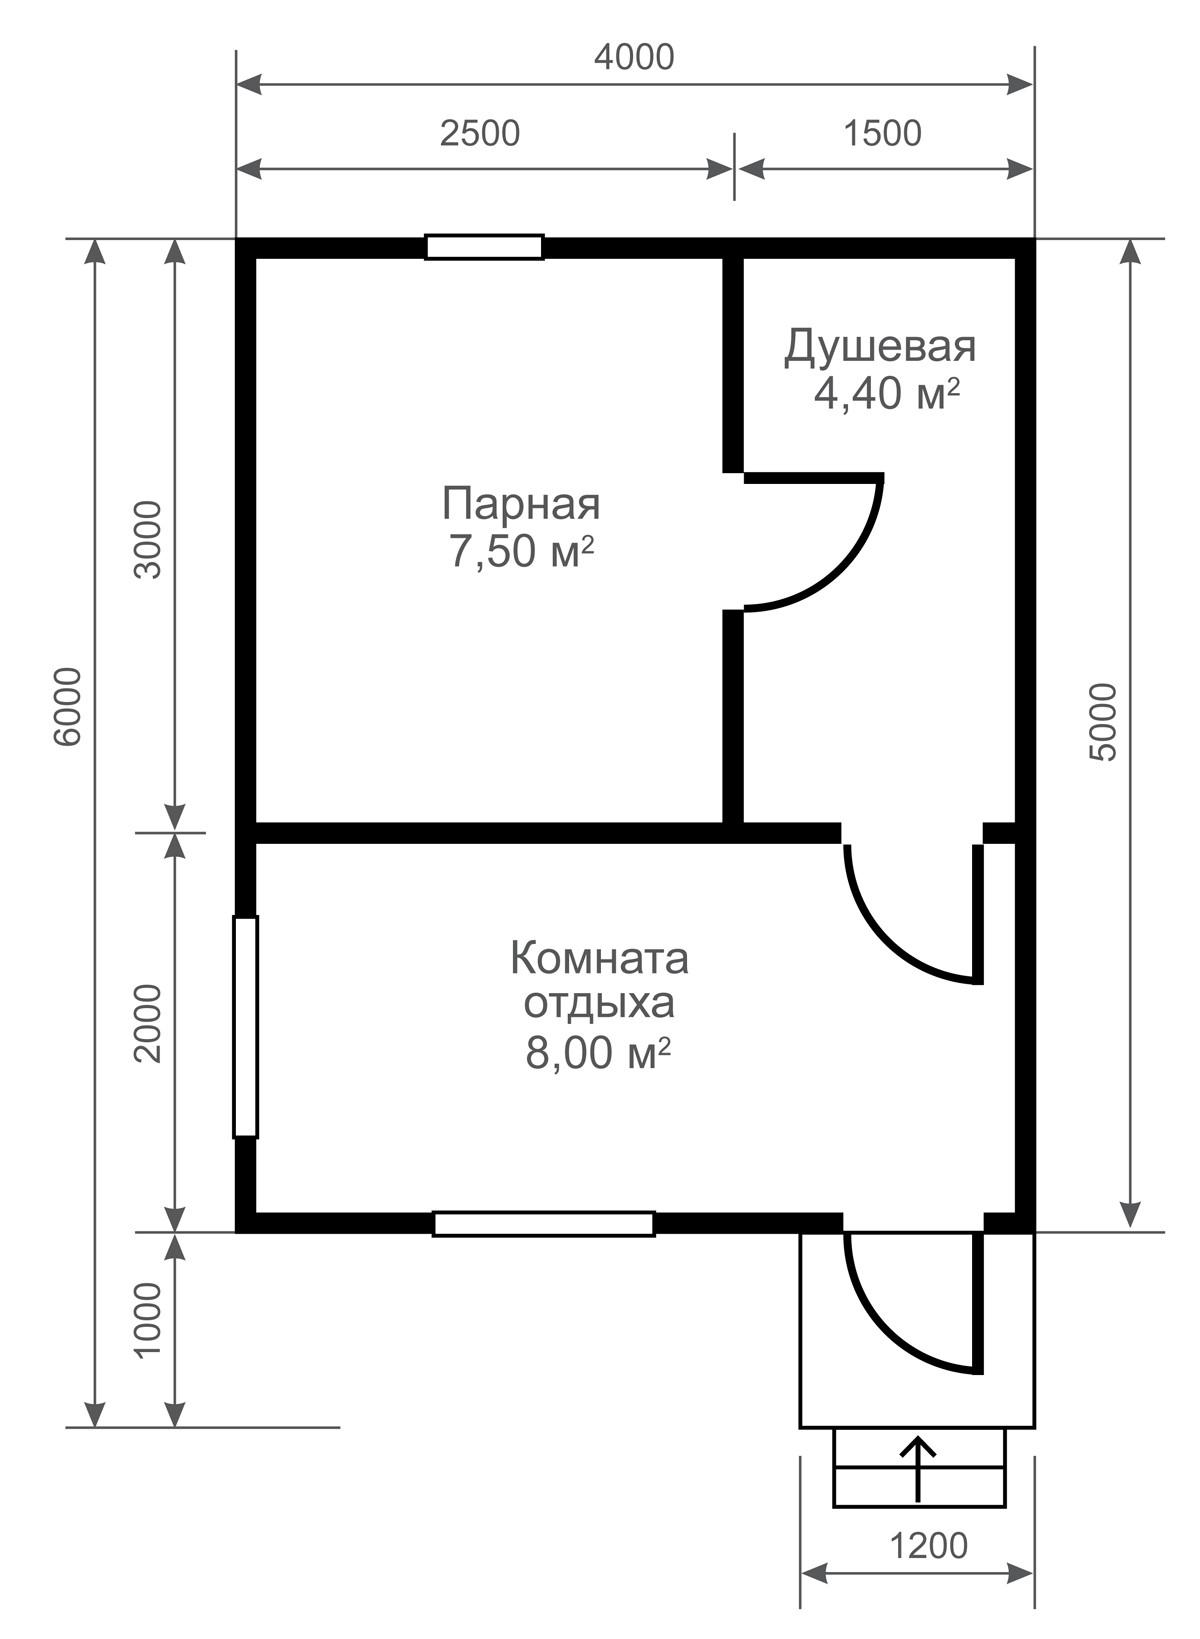 Планировка бани: размеры и план помещения бани.